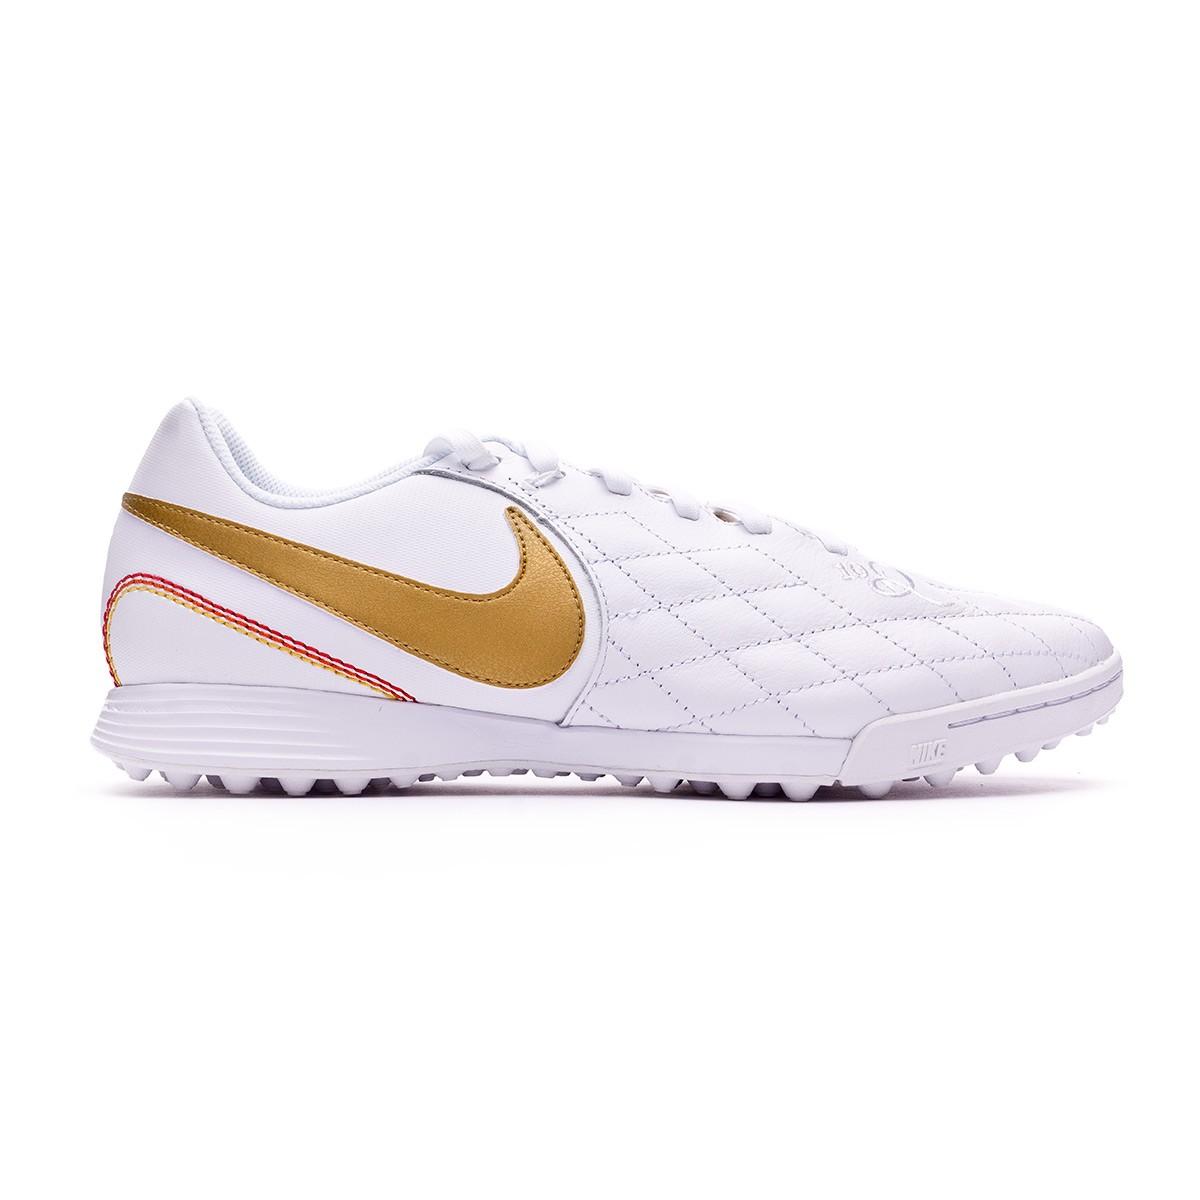 63382090f Football Boot Nike LegendX VII Academy 10R Turf White-Metallic gold-White -  Tienda de fútbol Fútbol Emotion